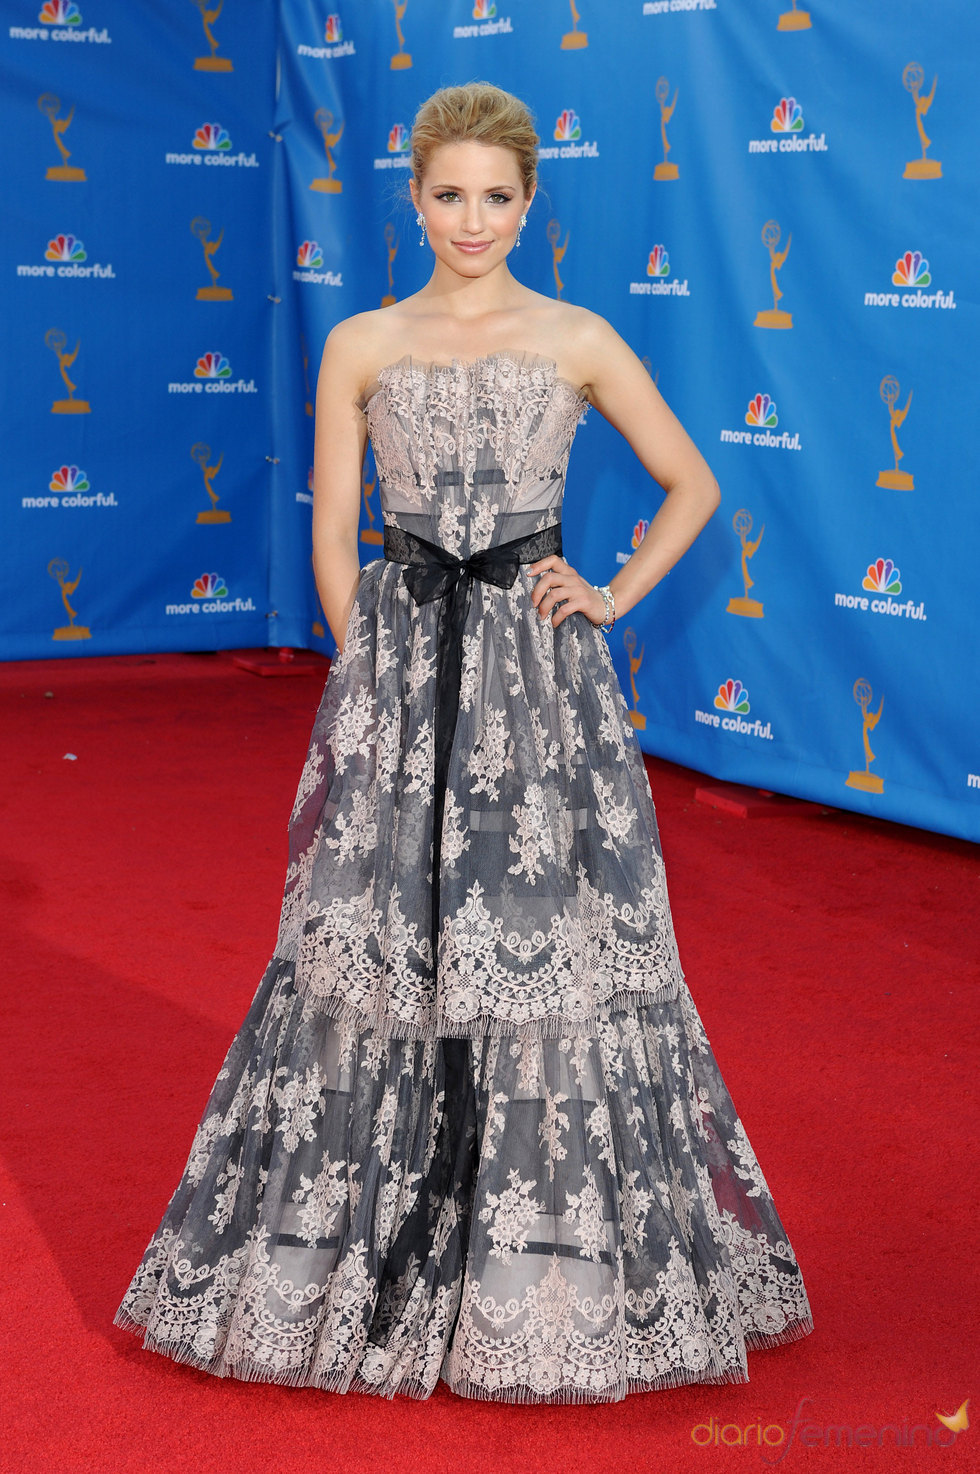 Dianna Agron de la serie 'Glee' en los Premios Emmy 2010